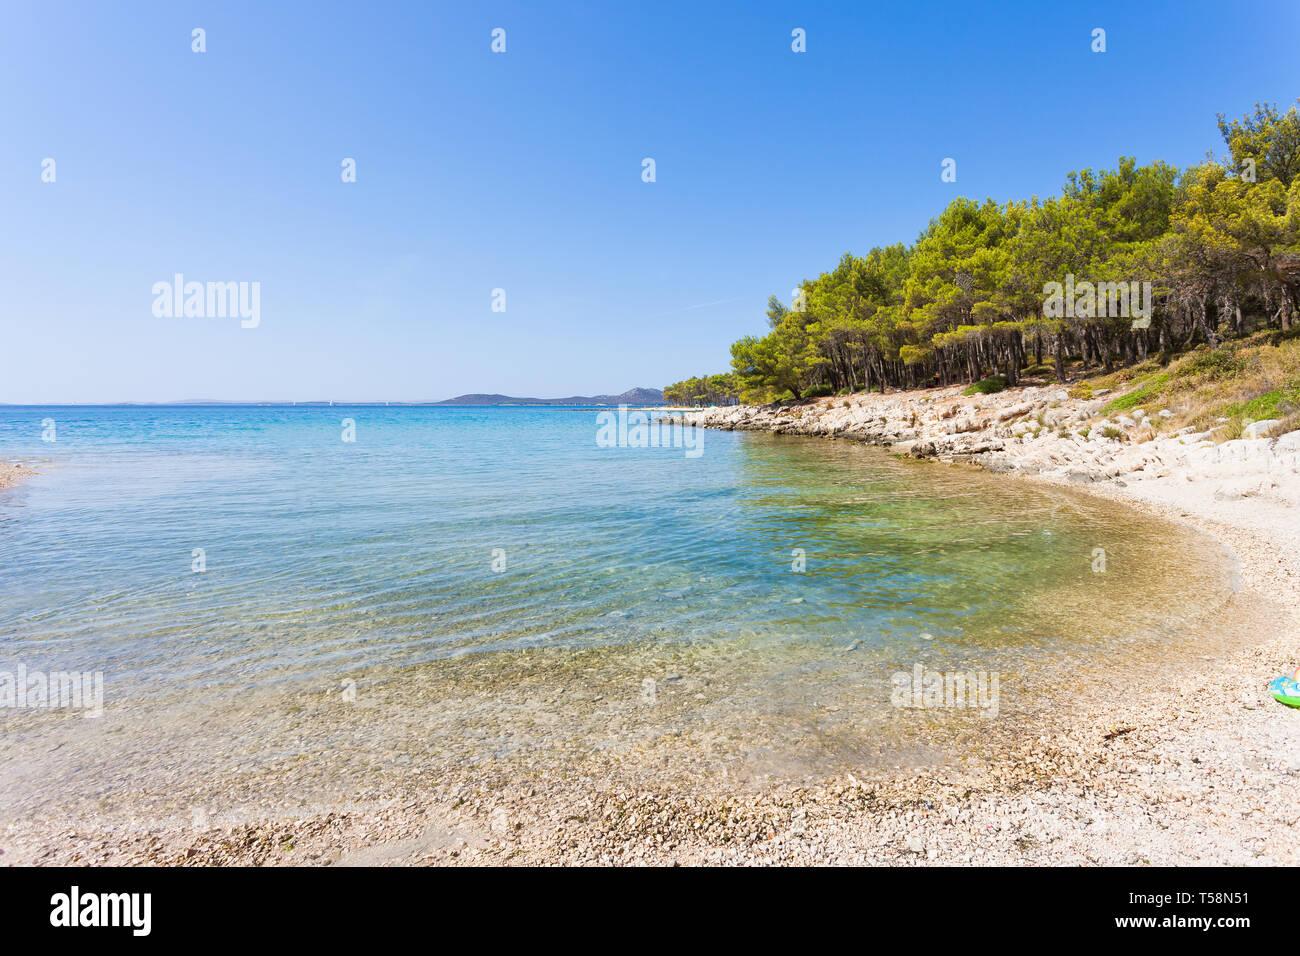 Pine Beach, Pakostane, Kroatien, Europa - Besuch der türkisfarbenen Bucht von Punat Stockfoto